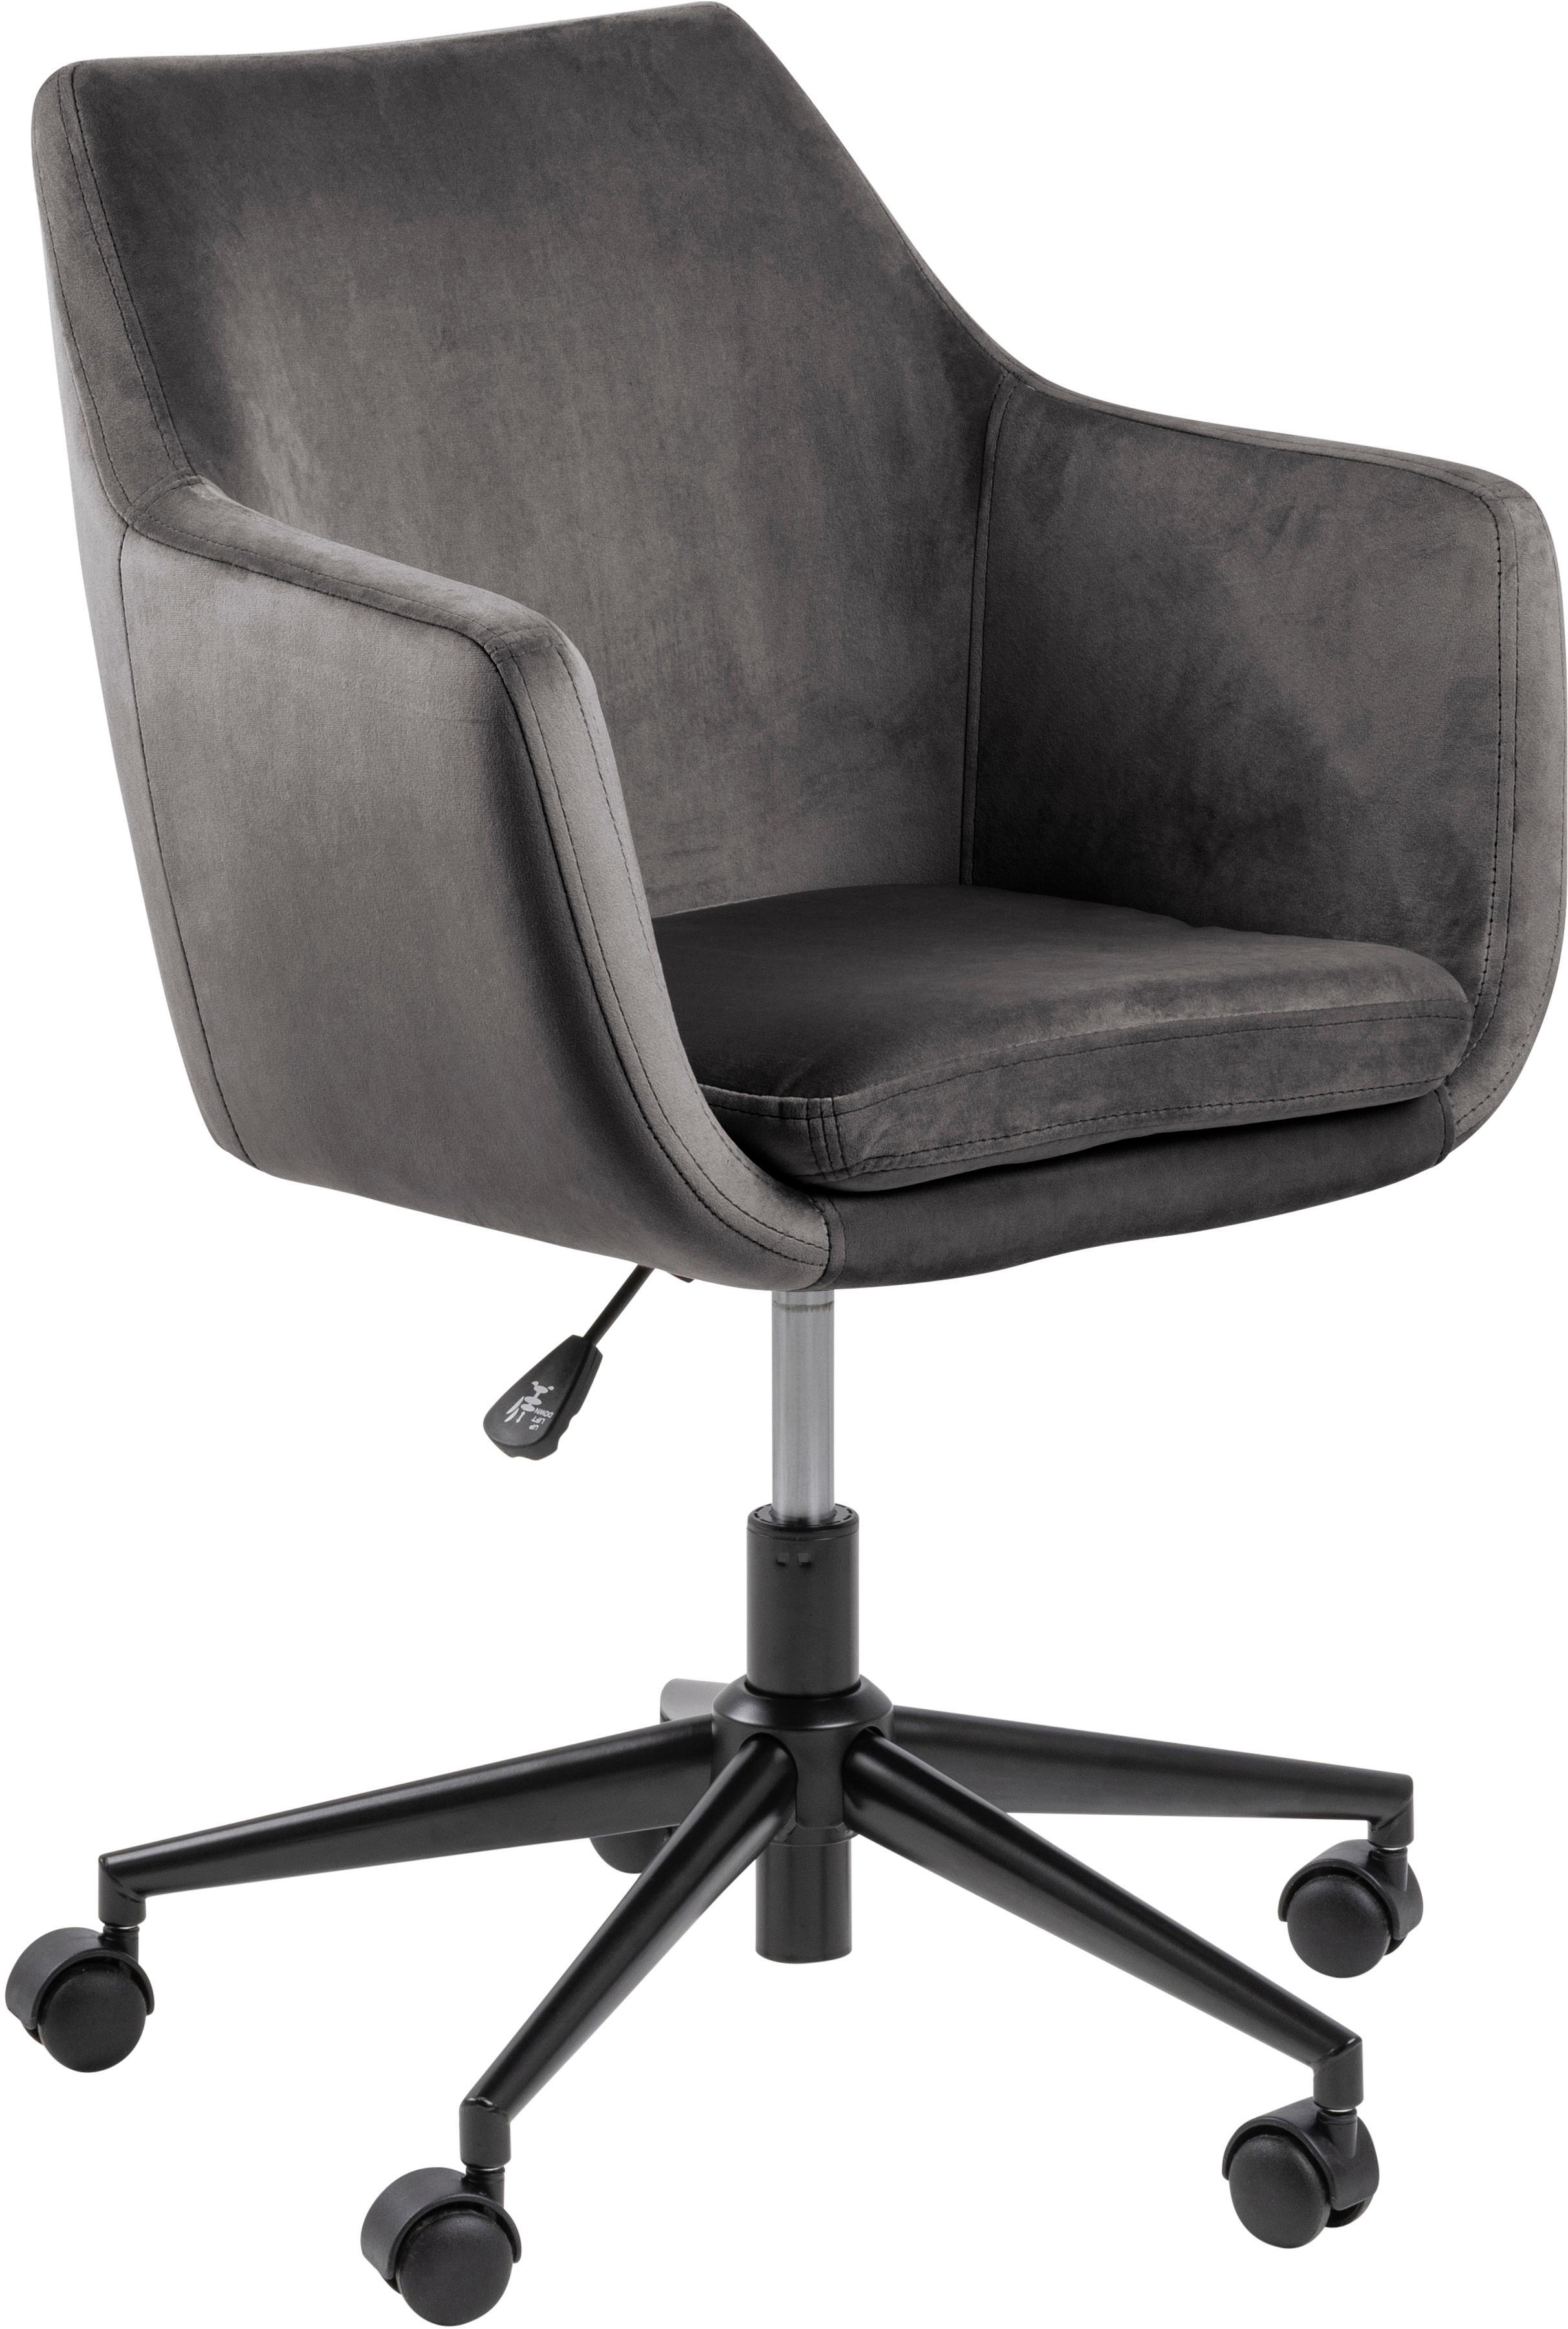 Sedia da ufficio girevole in velluto Nora, Rivestimento: poliestere (velluto) 25.0, Struttura: metallo, verniciato a pol, Grigio scuro, nero, Larg. 58 x Prof. 58 cm